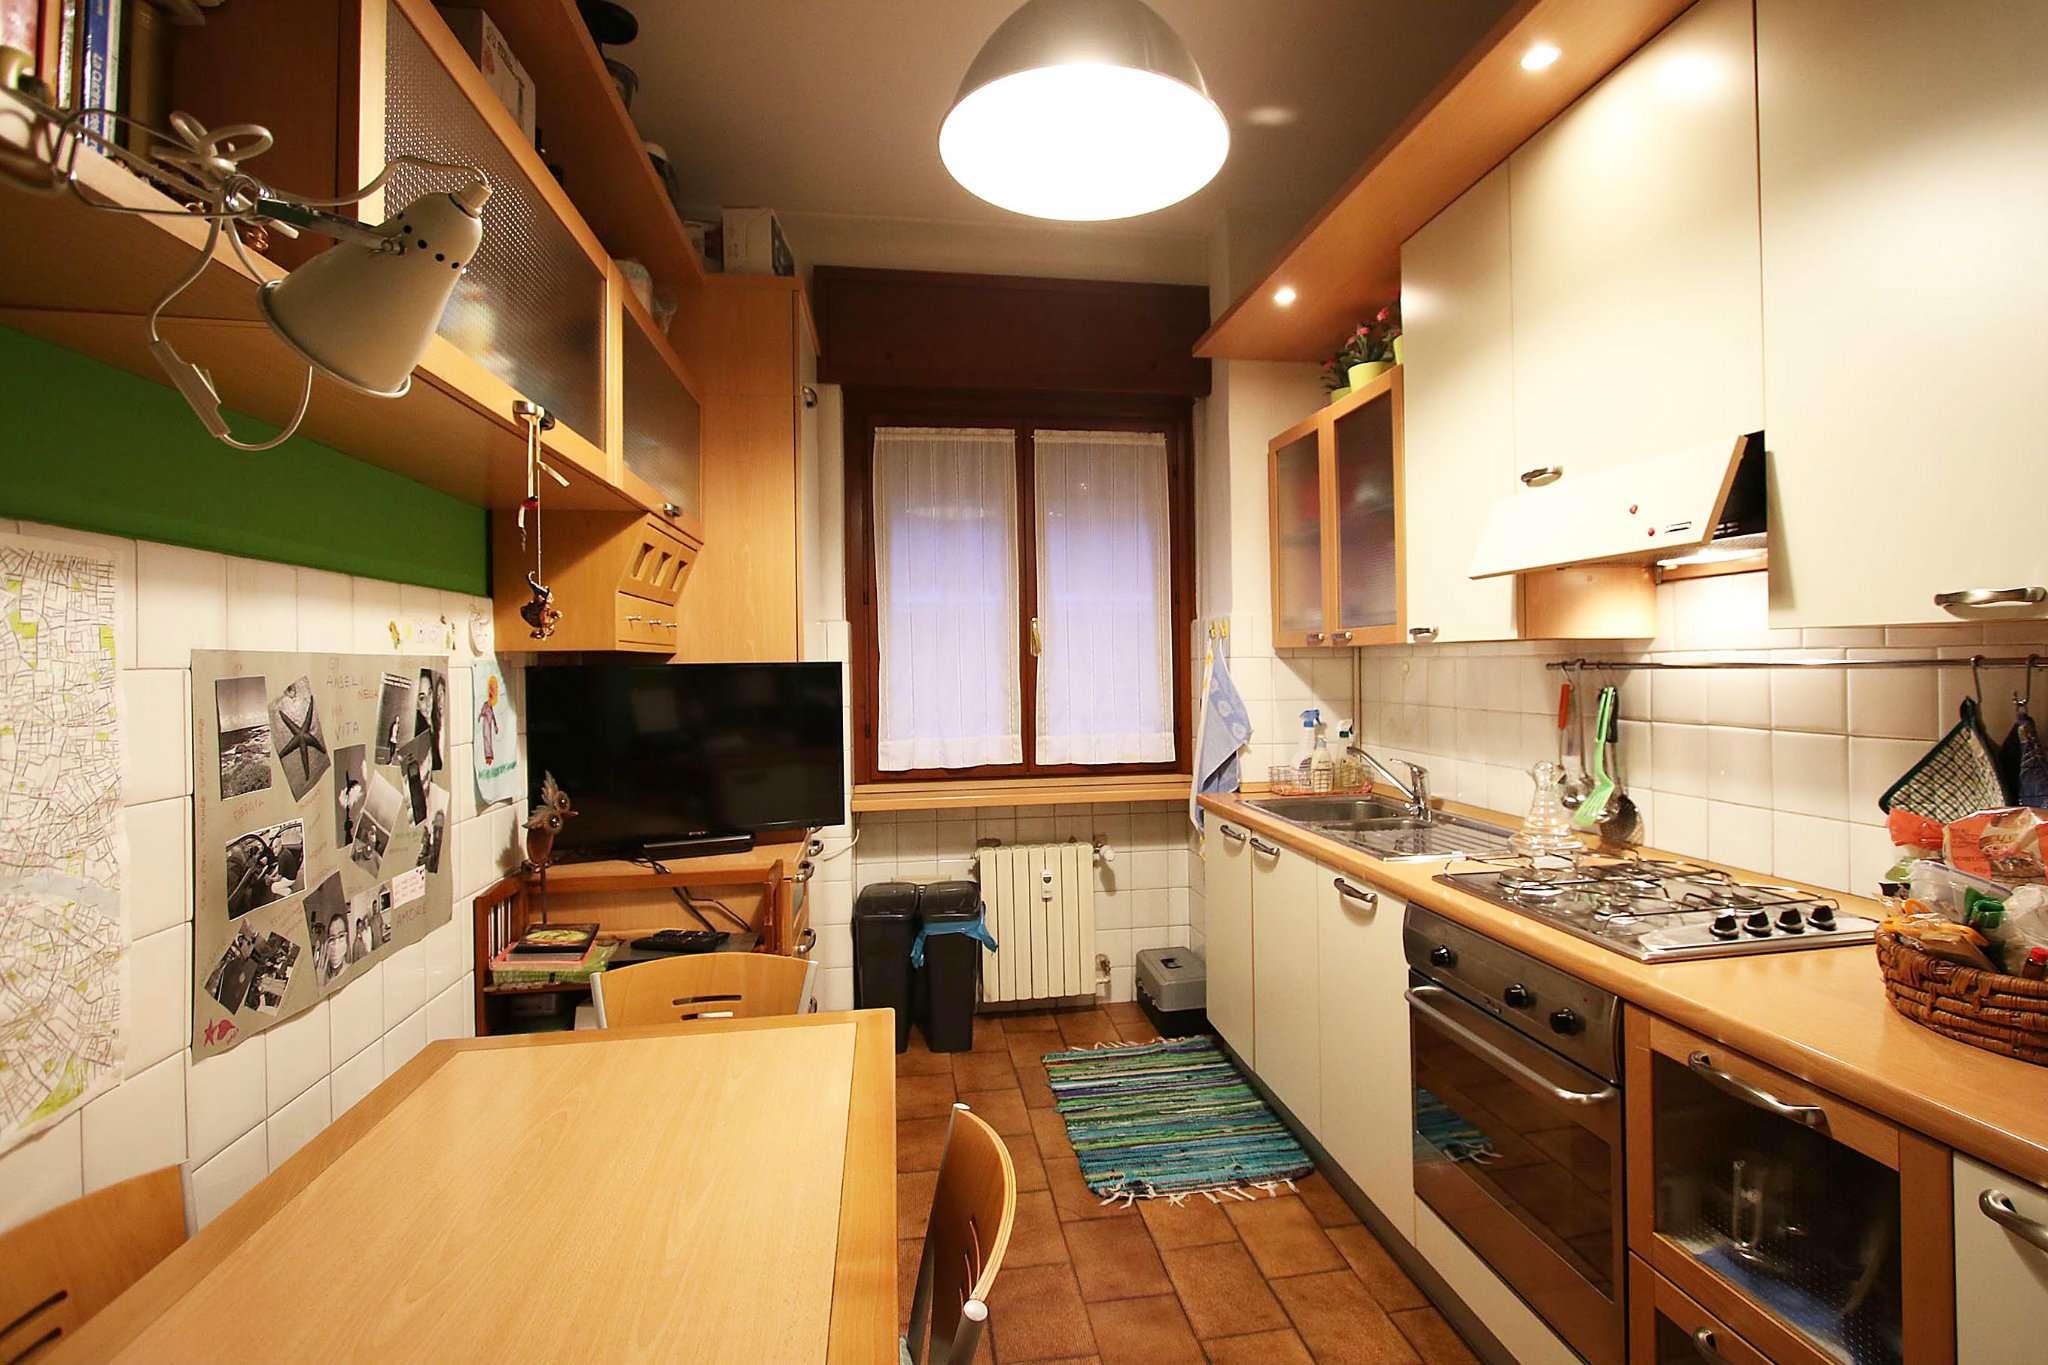 Appartamento in Vendita a Milano 14 Tibaldi / Cermenate / Antonini / Ortles / Bonomelli: 3 locali, 65 mq